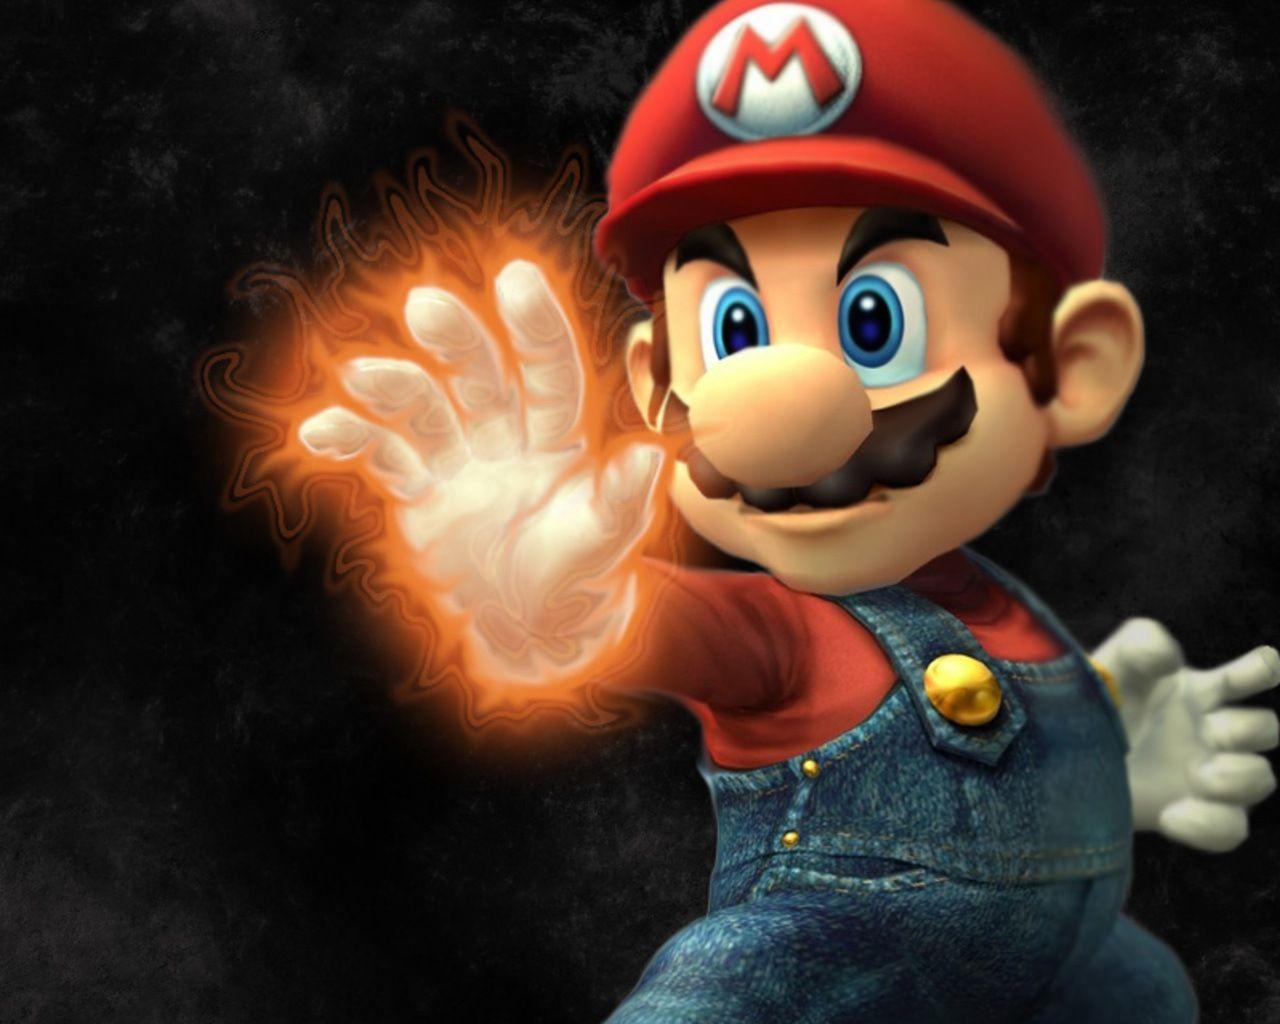 Super Mario Bros Wallpapers Hd Wallpaper Cave